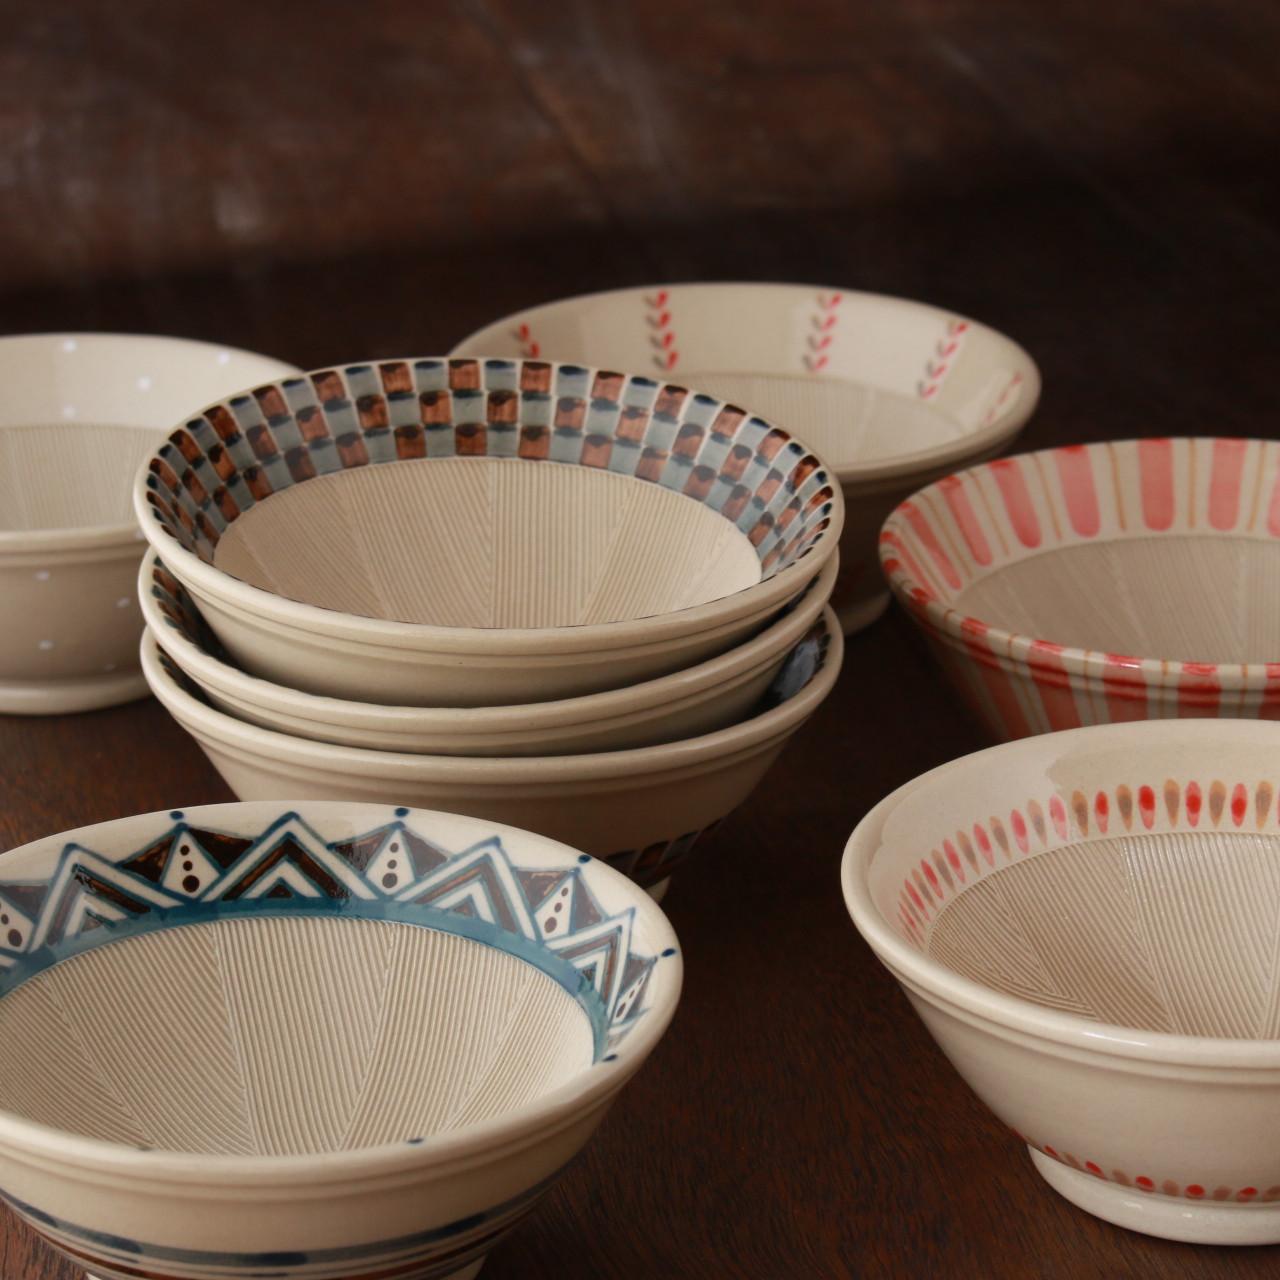 2月の窯からクリーマへ!絵柄入りすり鉢再販も含めアップしました。